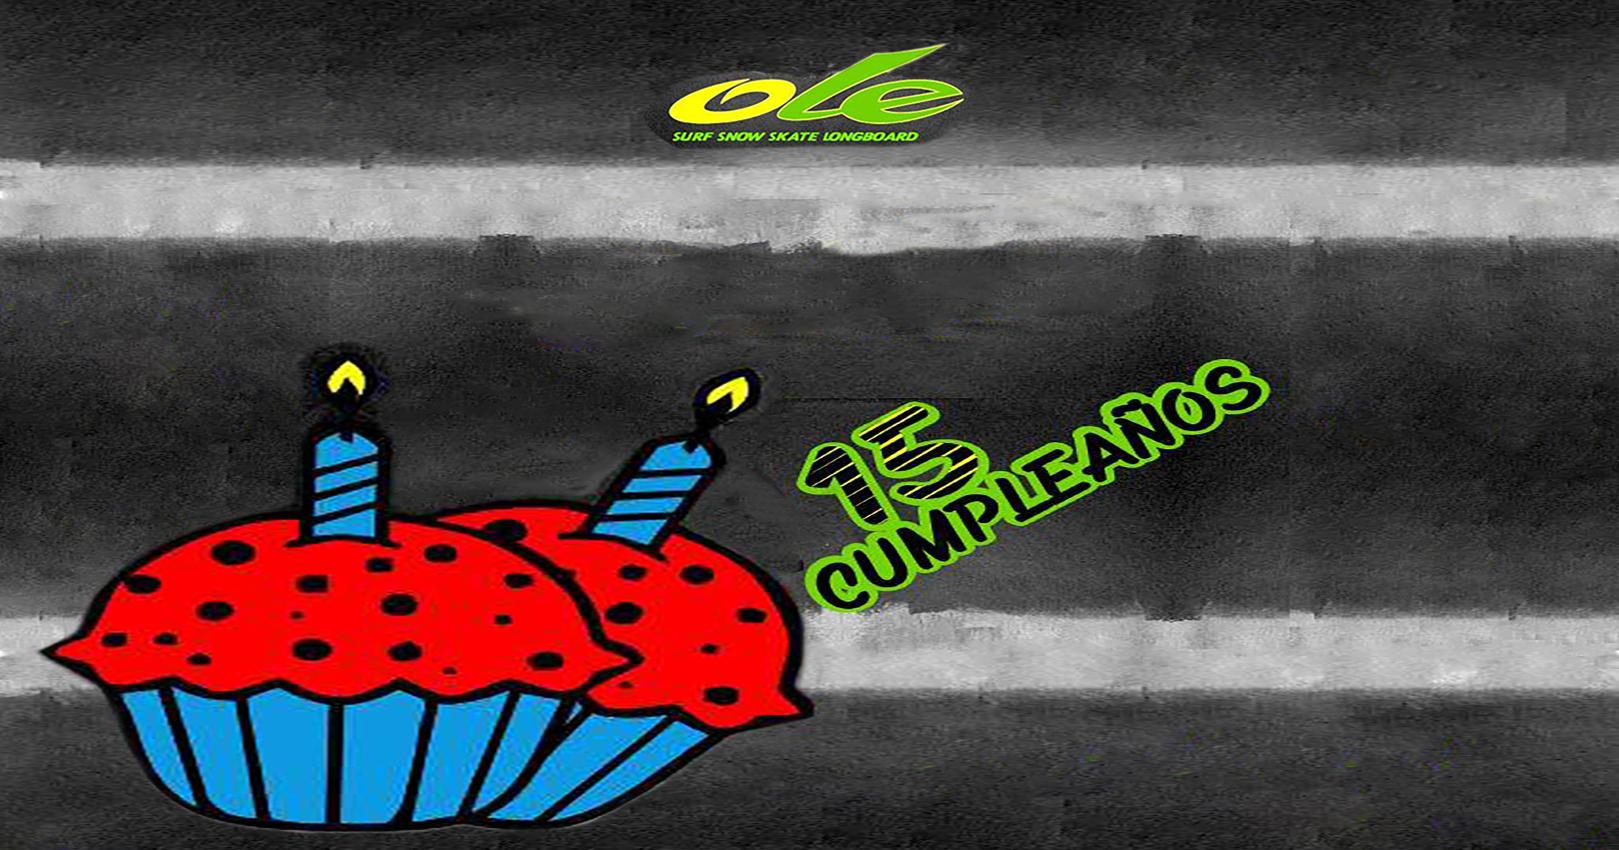 ¡¡¡¡CUMPLIMOS 15 AÑOS!!!!PARTICIPA EN EL SORTEO DE DOS PACKS DE VANS